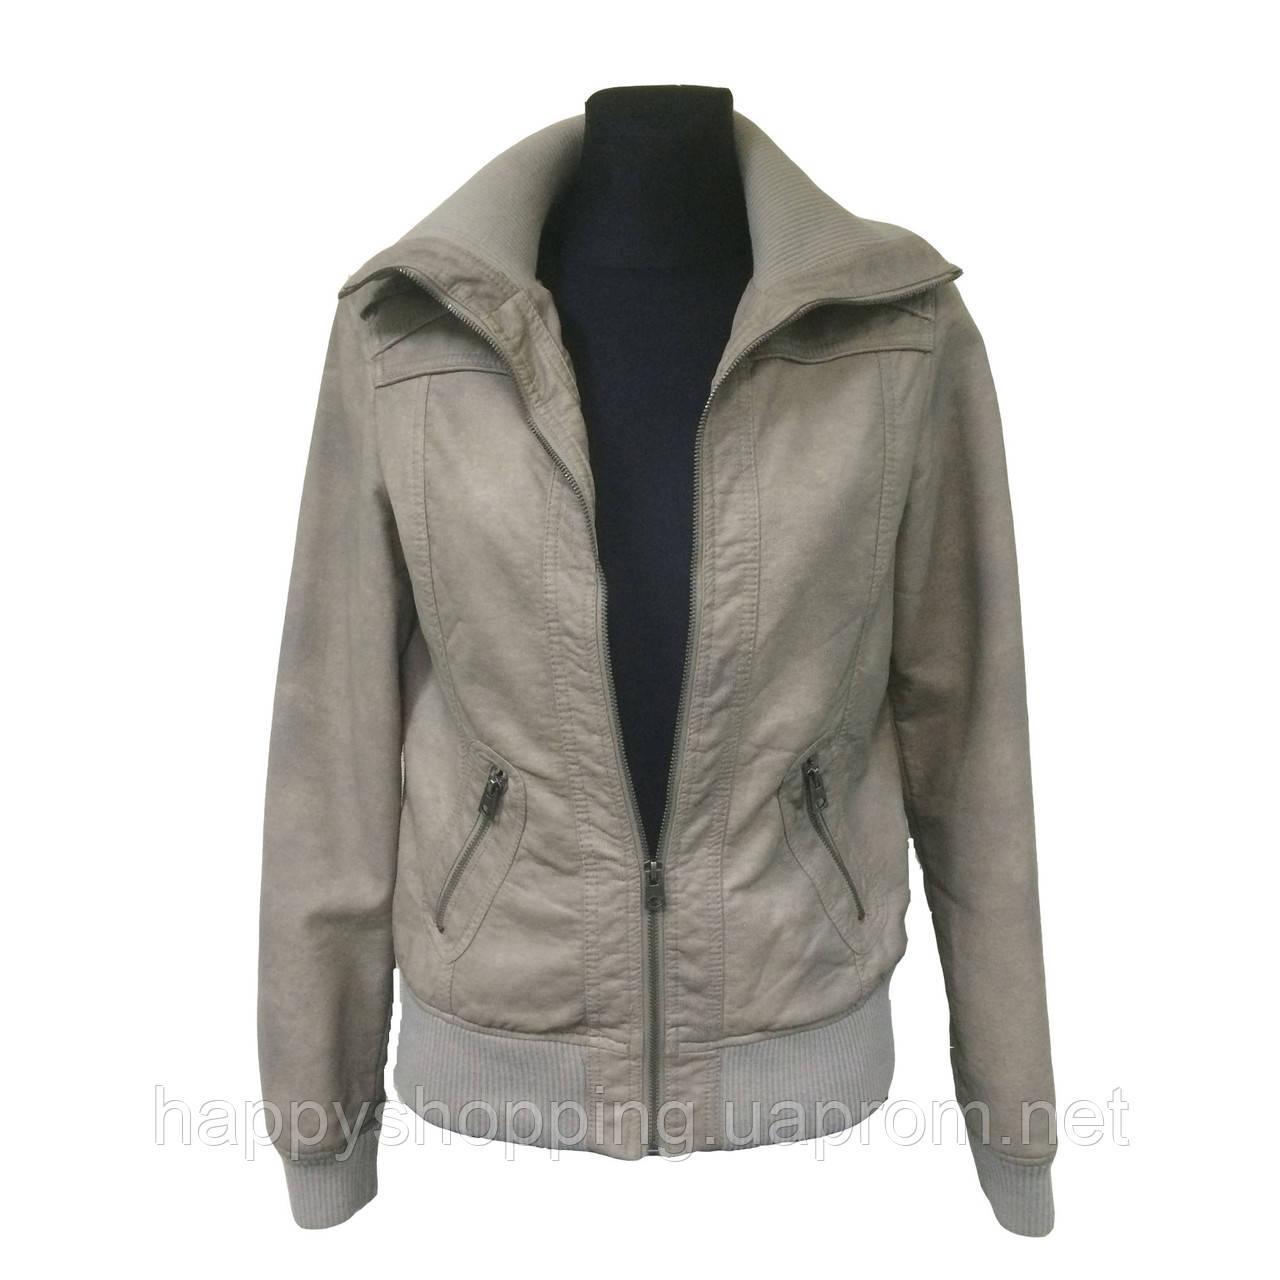 Бежевая куртка-бомбер Sutherland